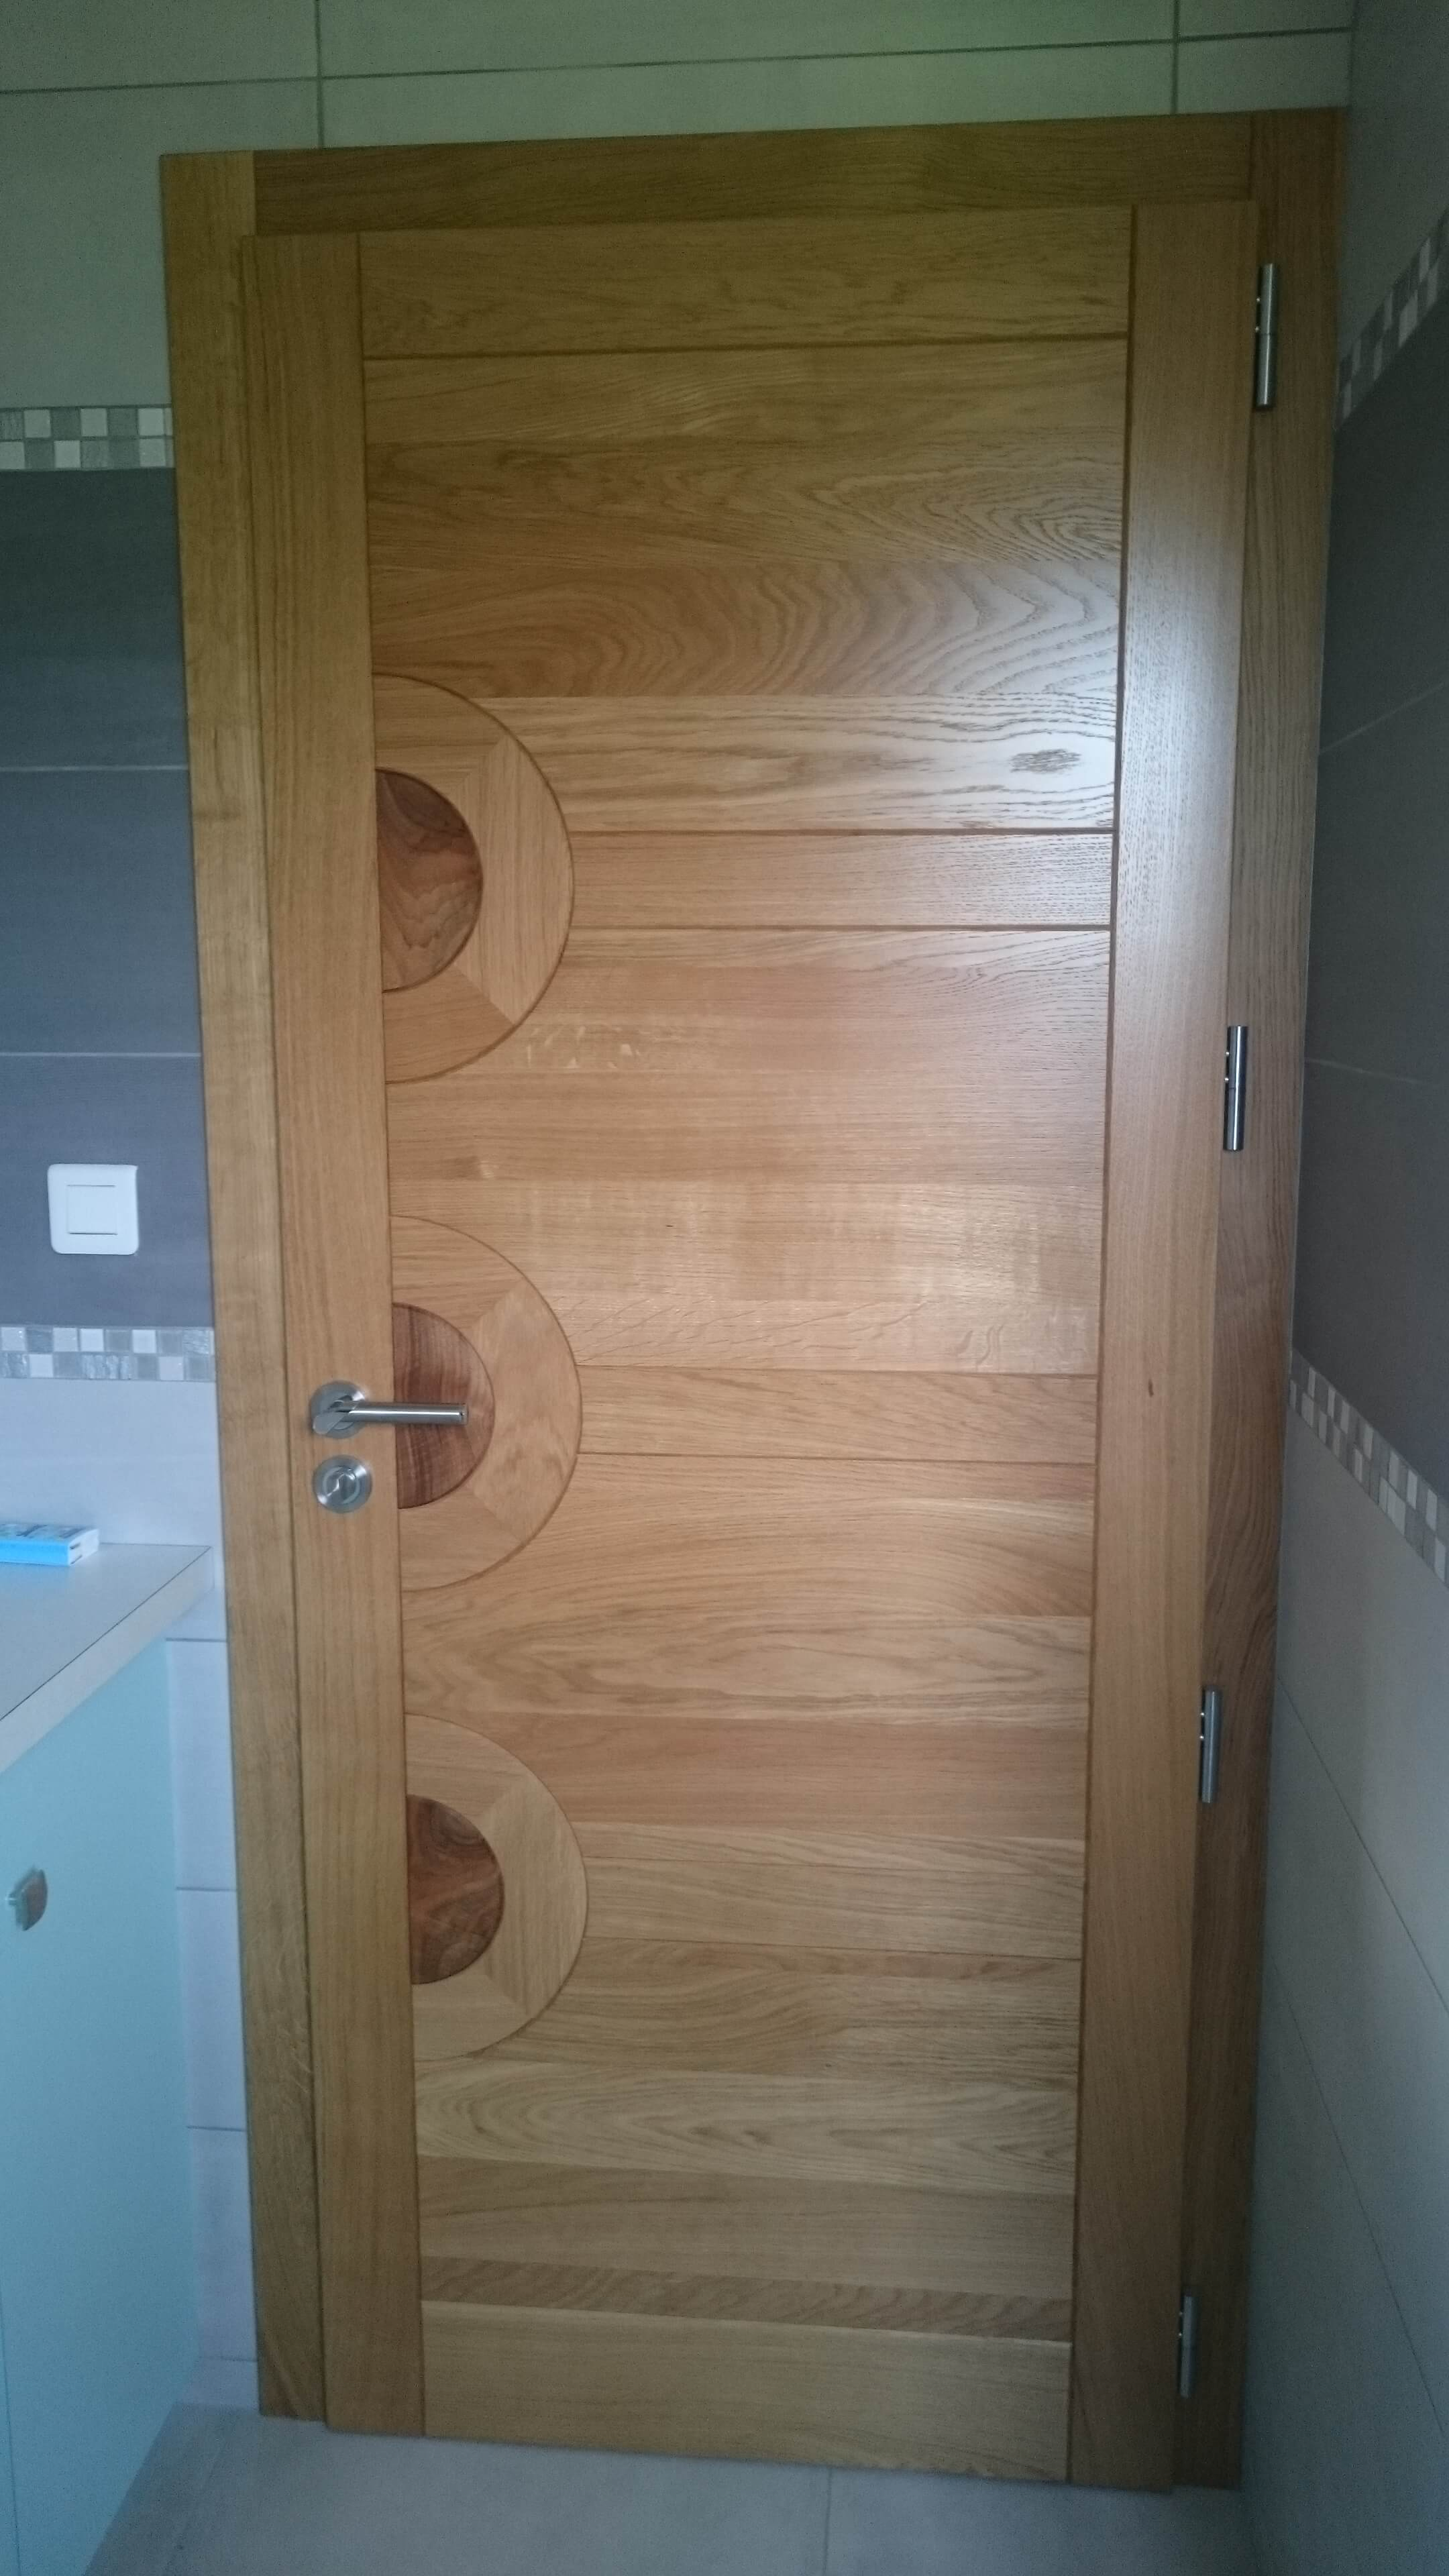 Menuiserie Figard - Fabrication sur mesure - Porte d'intérieur - Chêne noyer - Vesoul